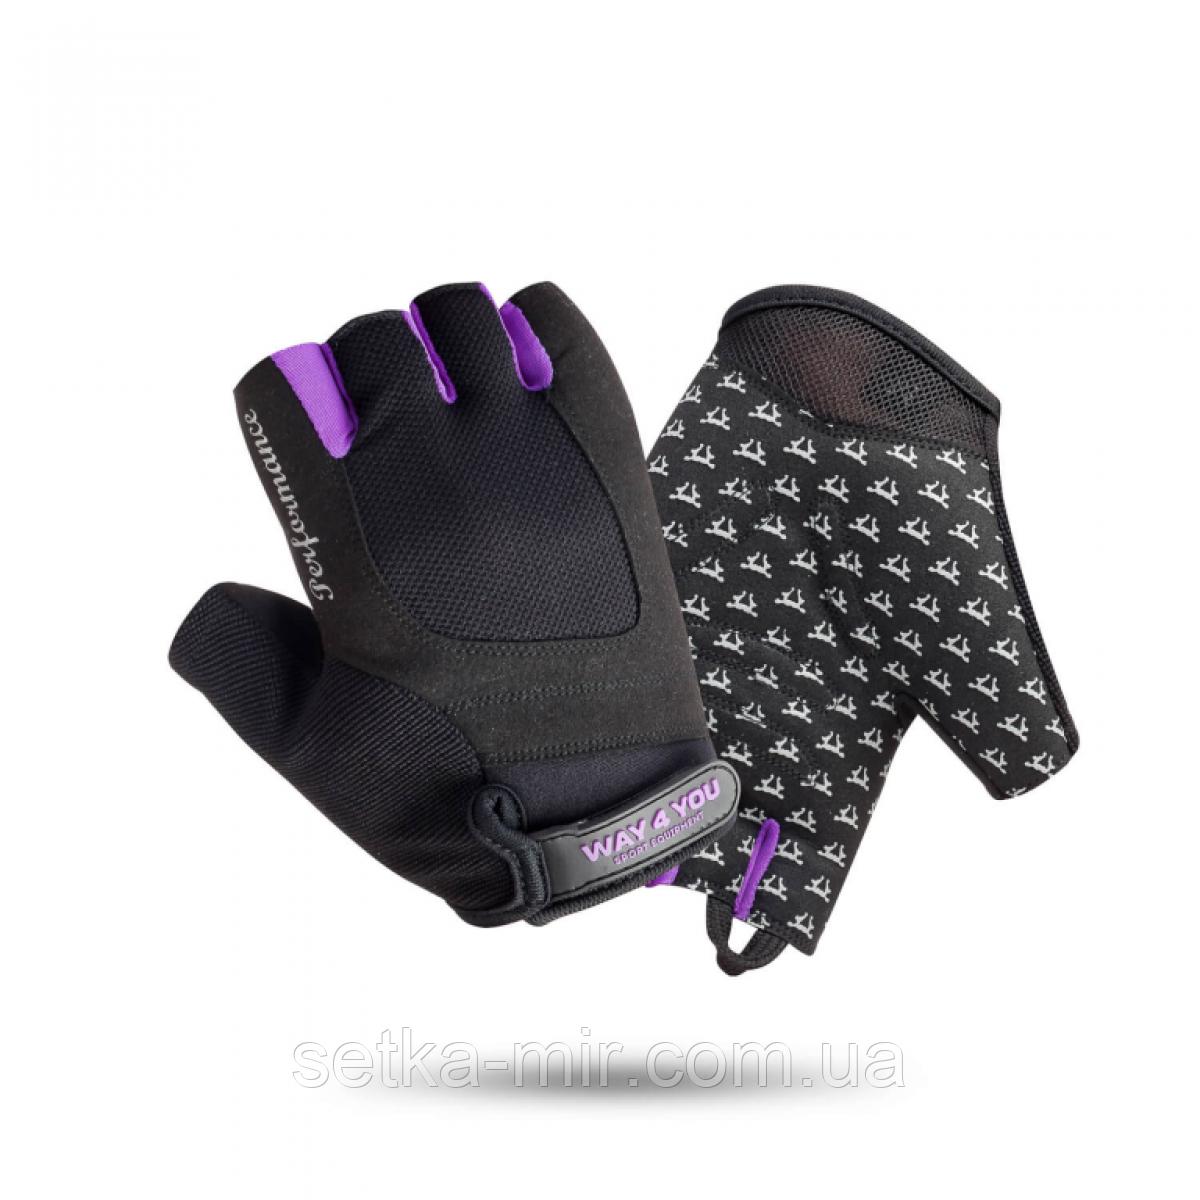 Перчатки для фитнеса Женские Violet 1751